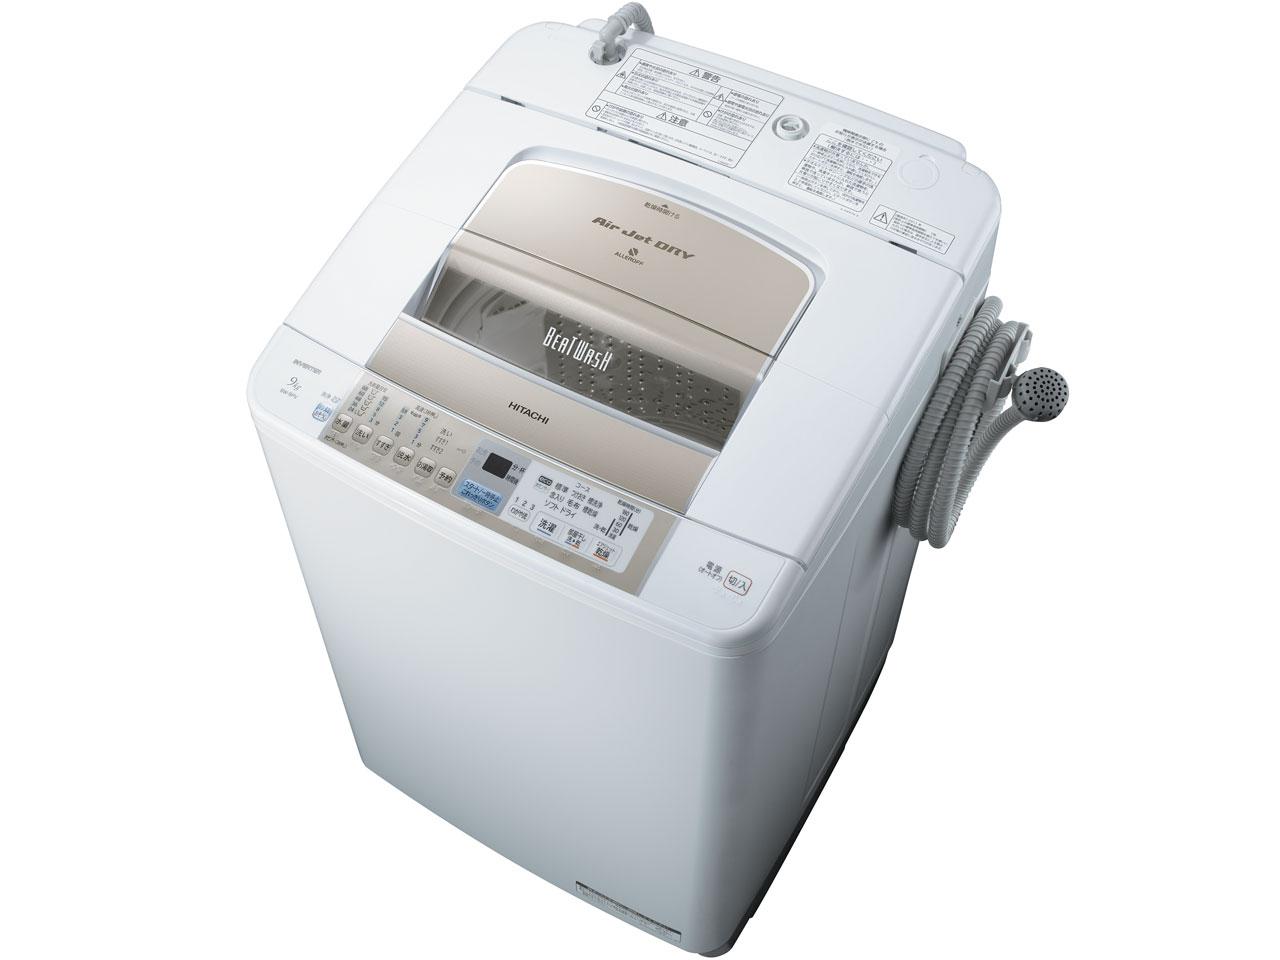 意外に簡単に出来る?洗濯機の分解掃除を自分で行う方法まとめのサムネイル画像